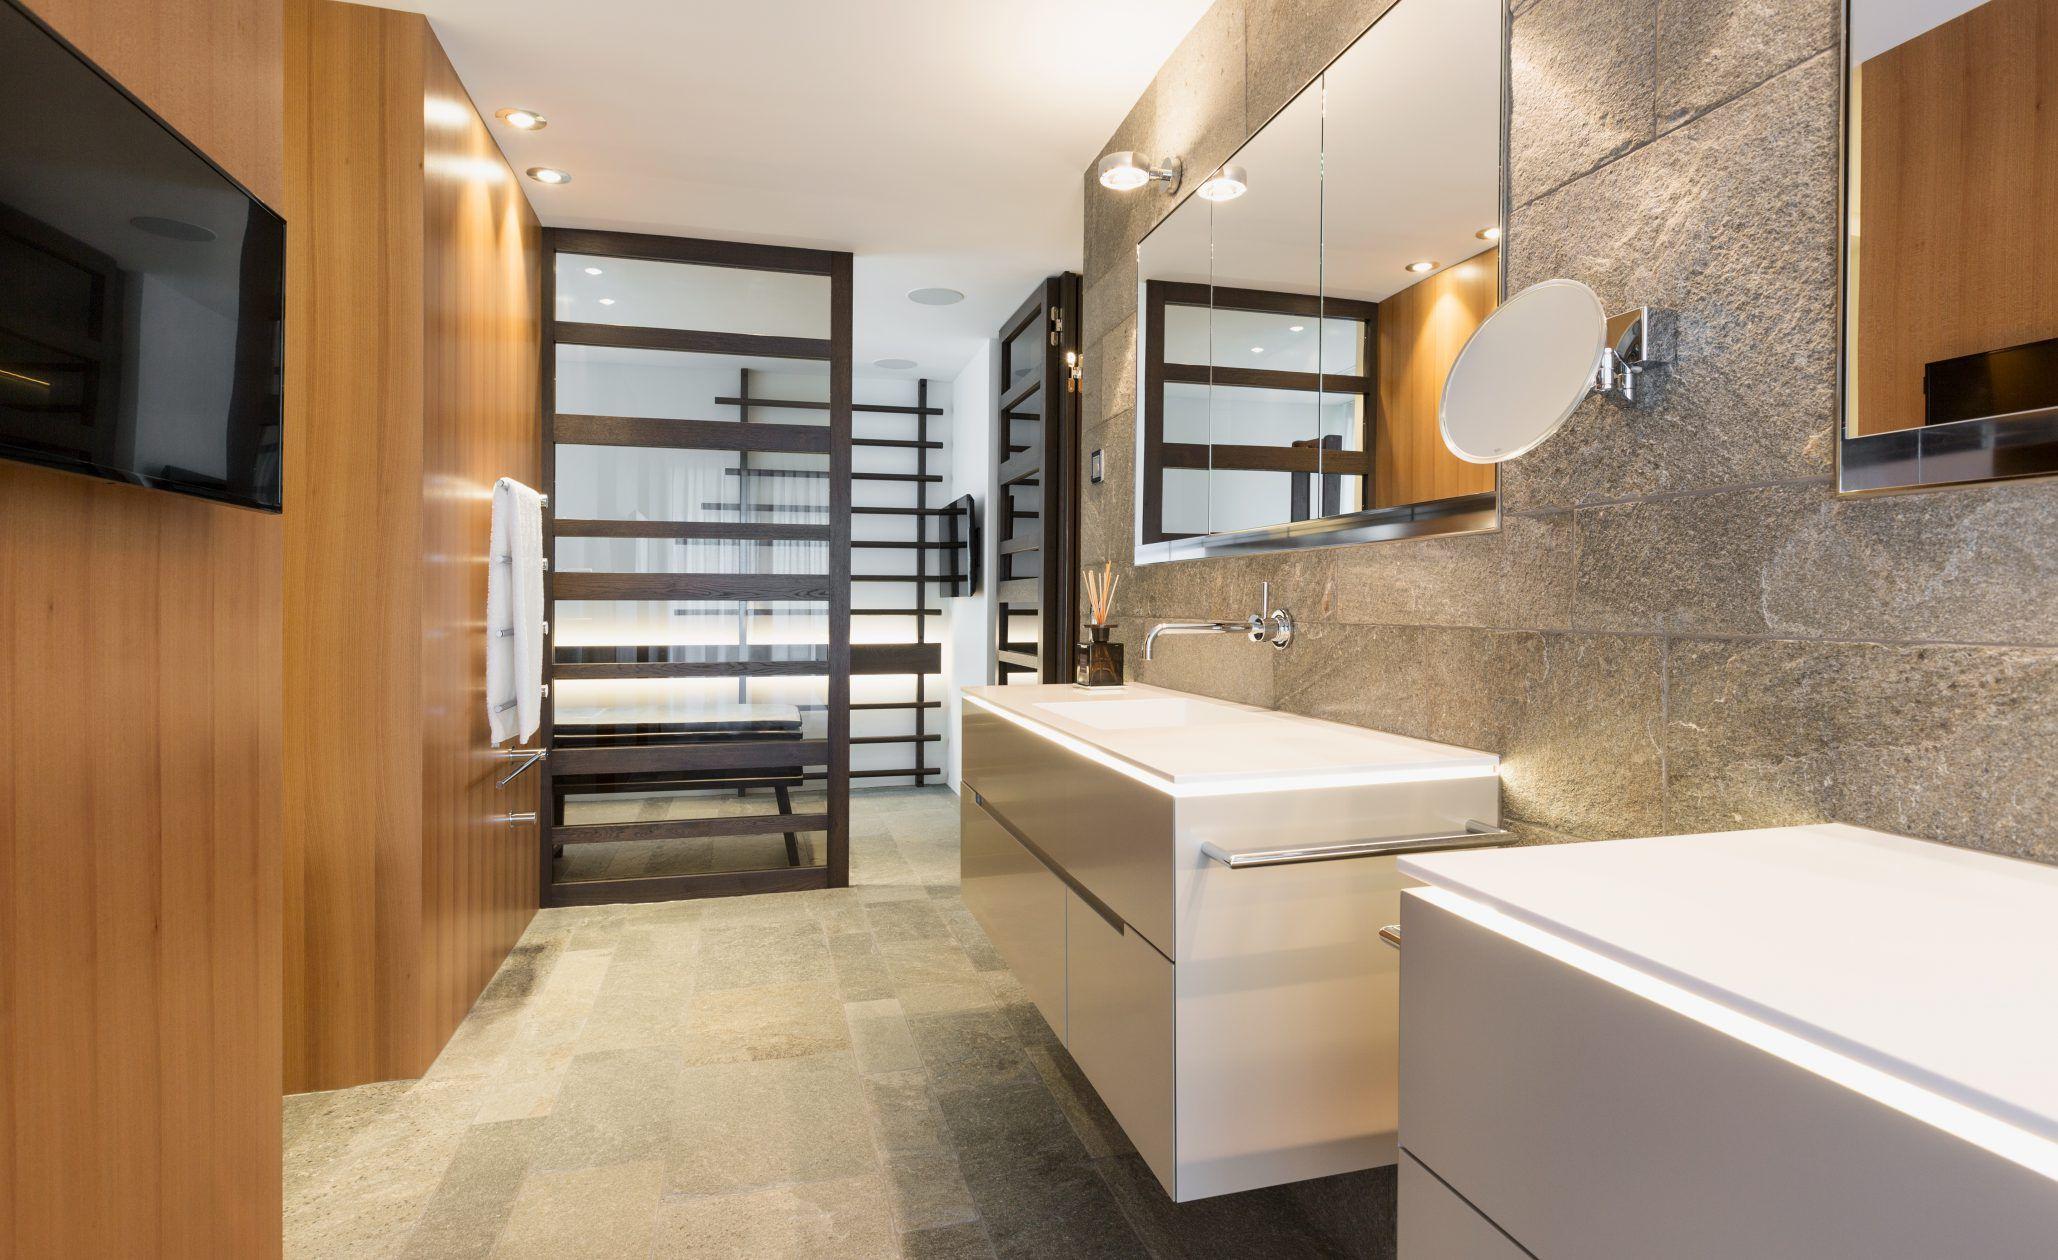 Naturstein Badezimmer ~ Die boden und wandplatten im badezimmer mit begehbarer dusche